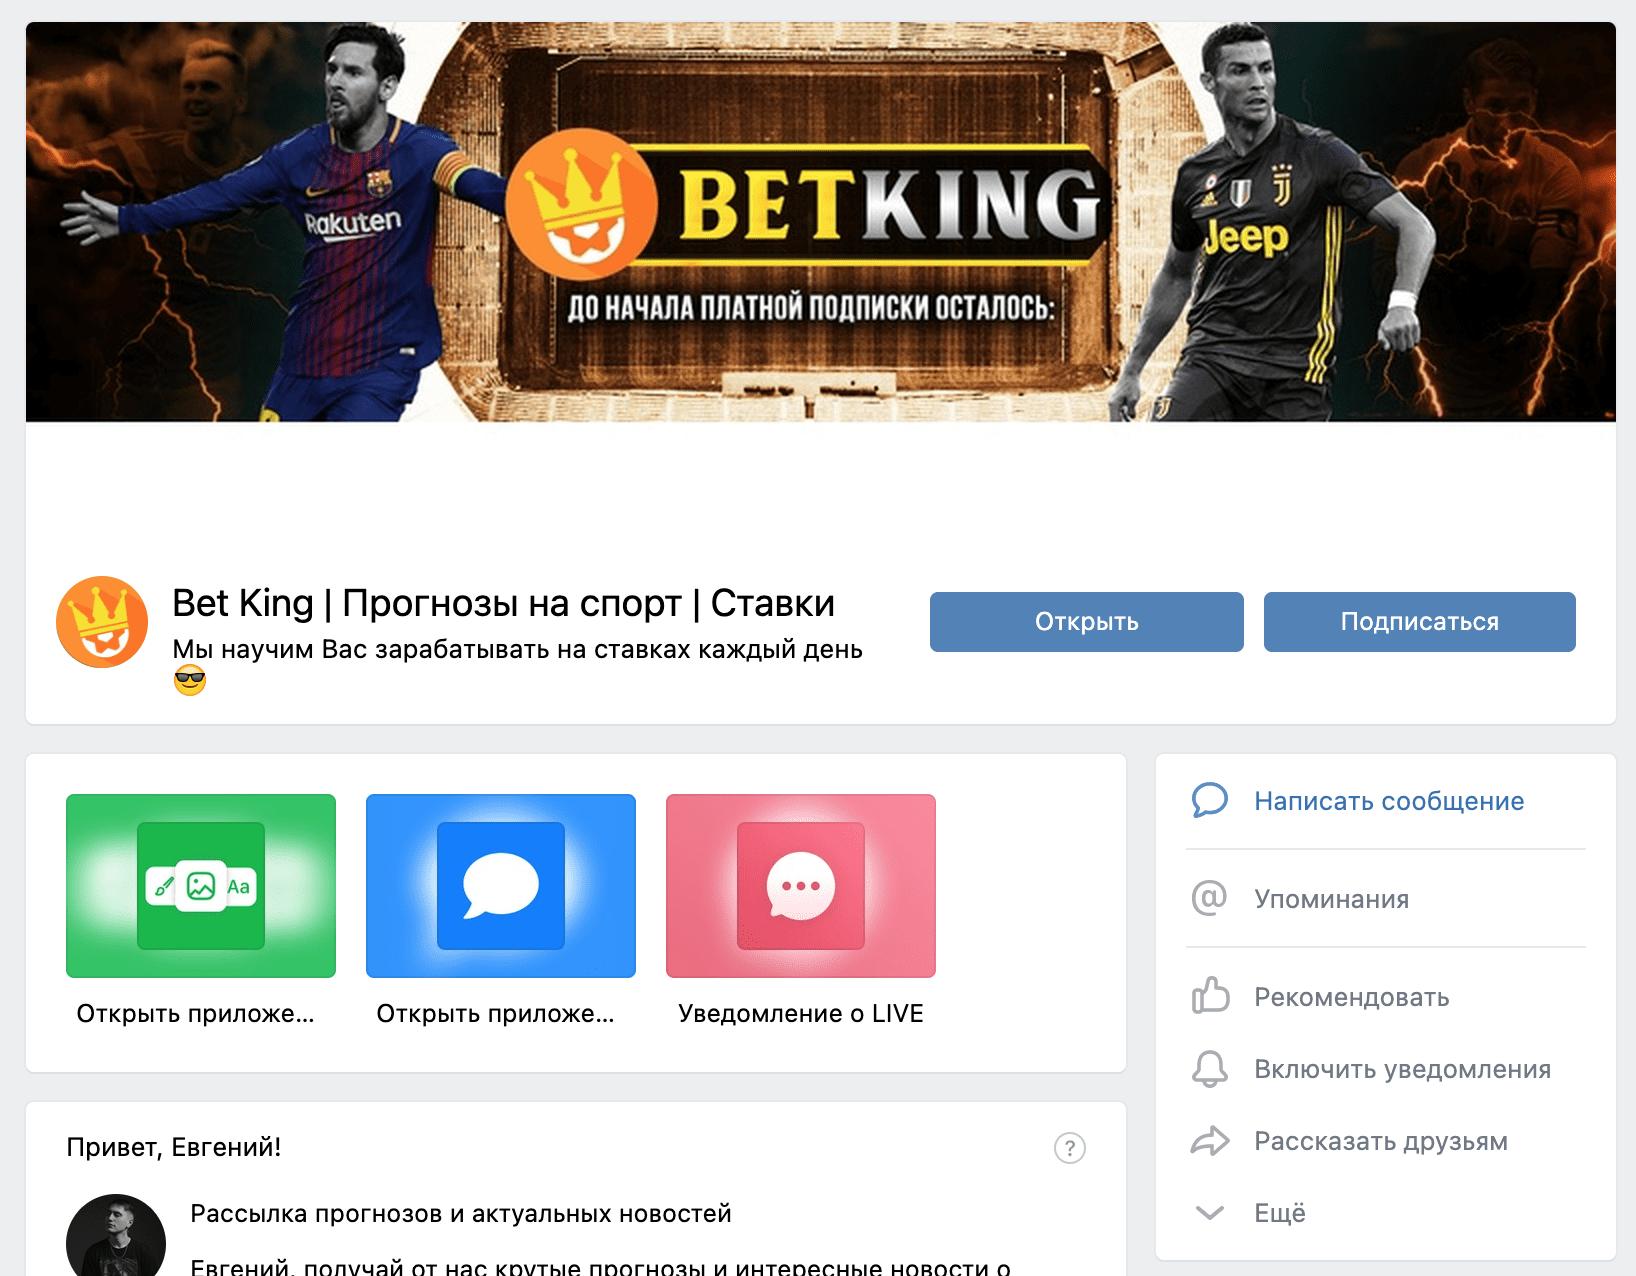 Группа ВК Bet King(Бет Кинг)